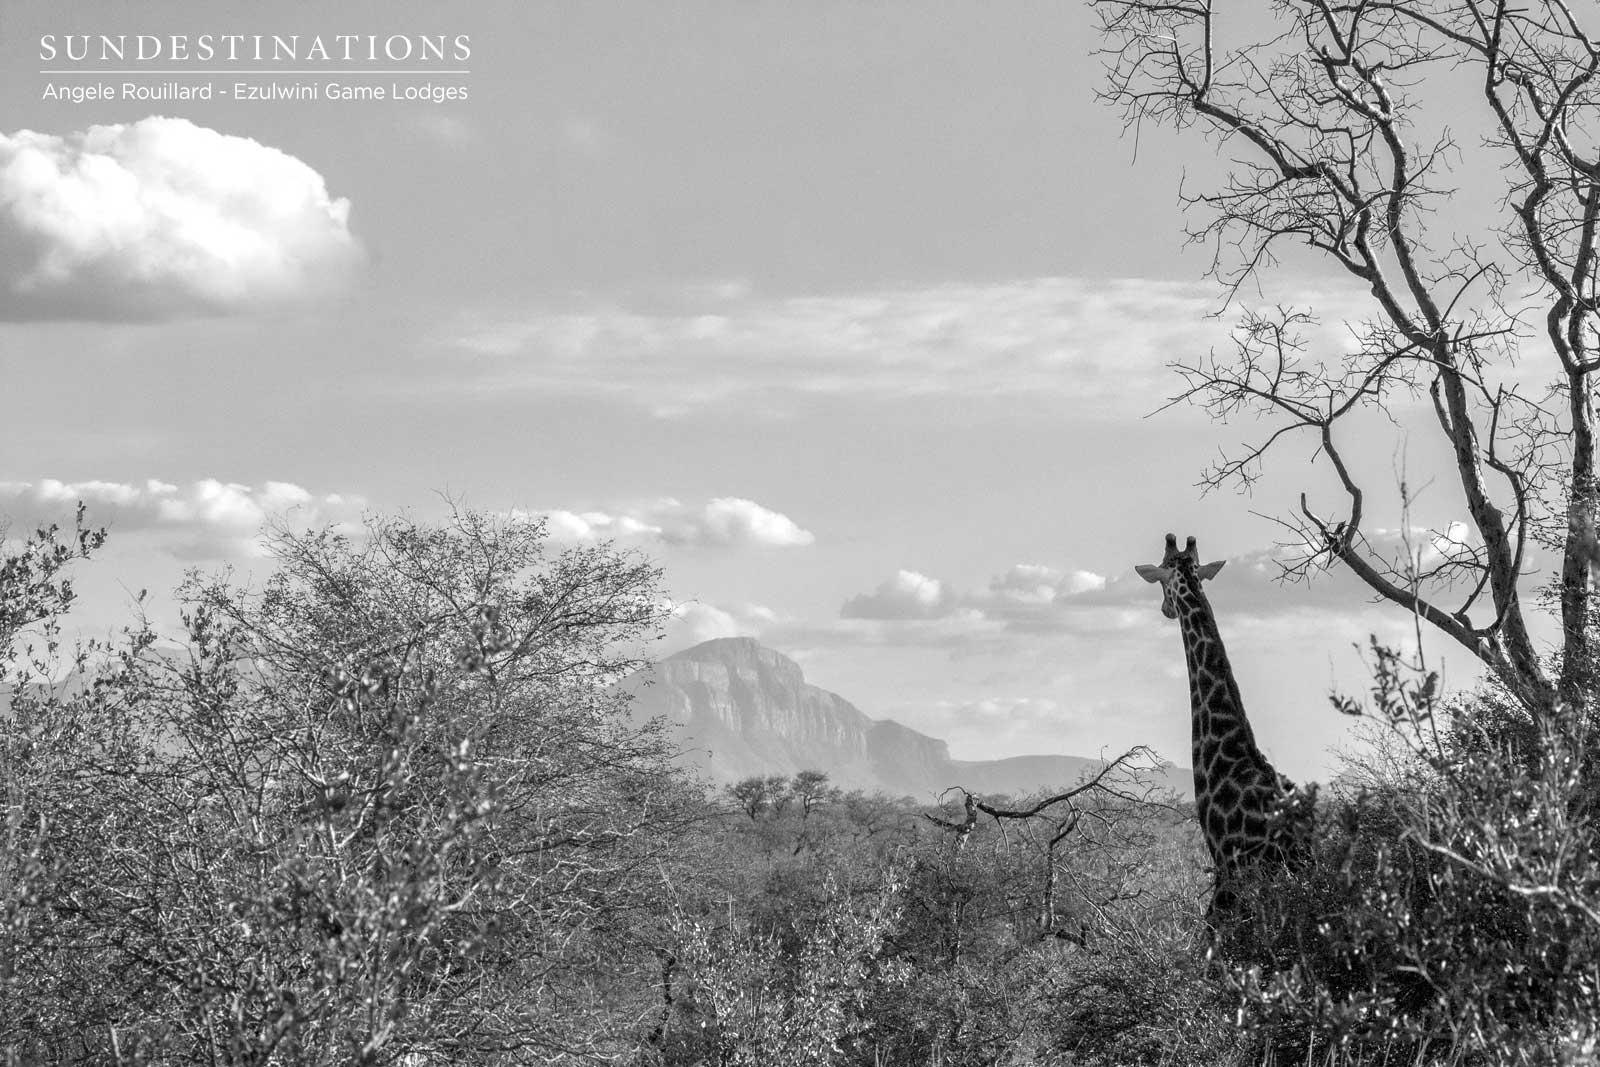 Giraffe at Ezulwini